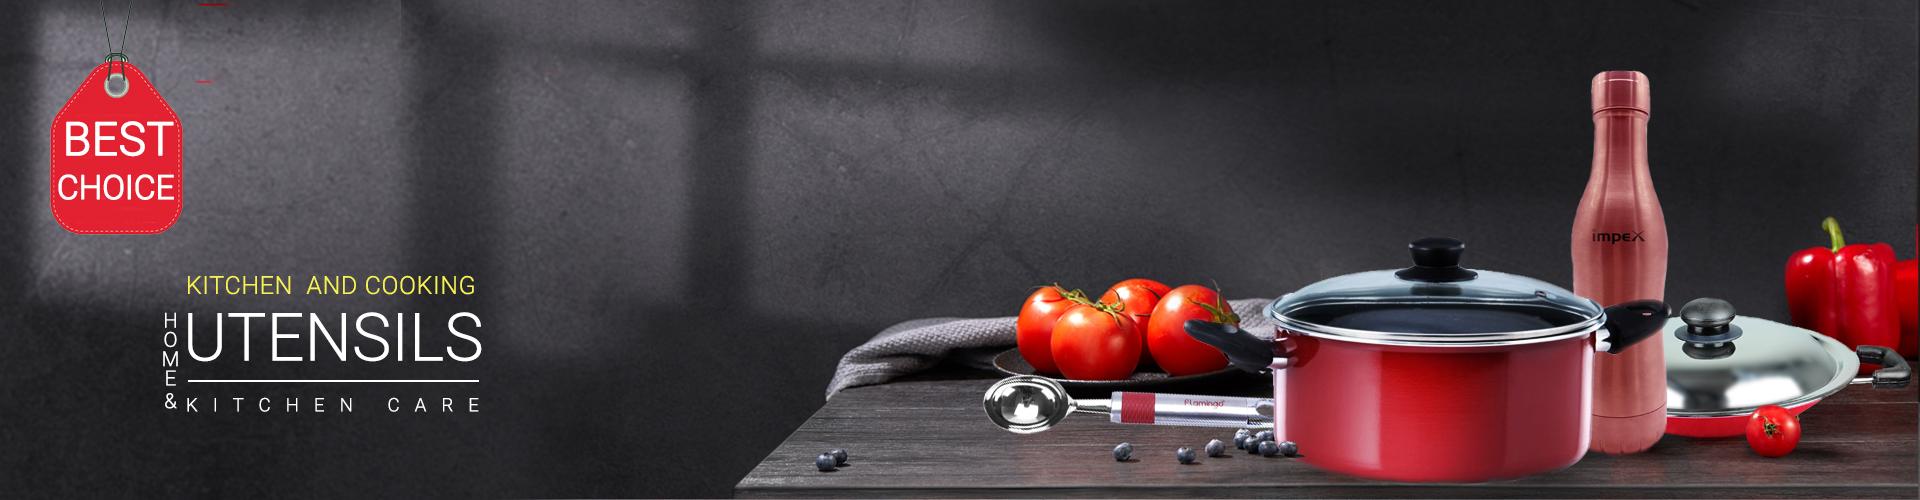 Kitchen & Cooking utensils